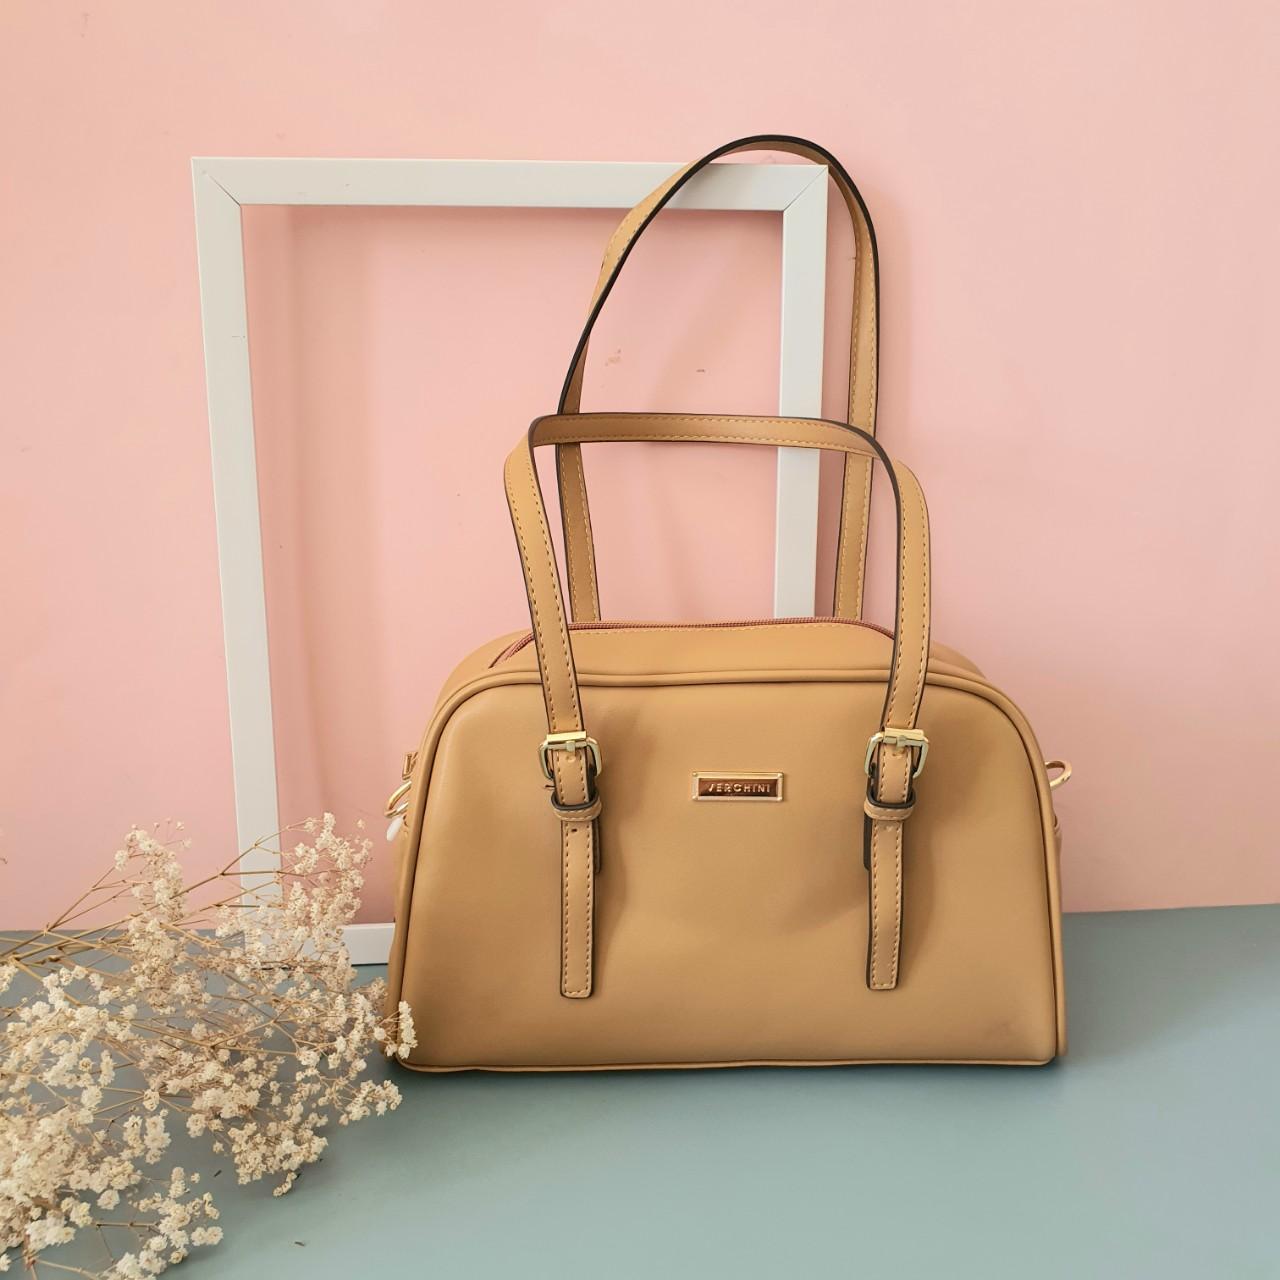 Túi xách thời trang Verchini hình trống